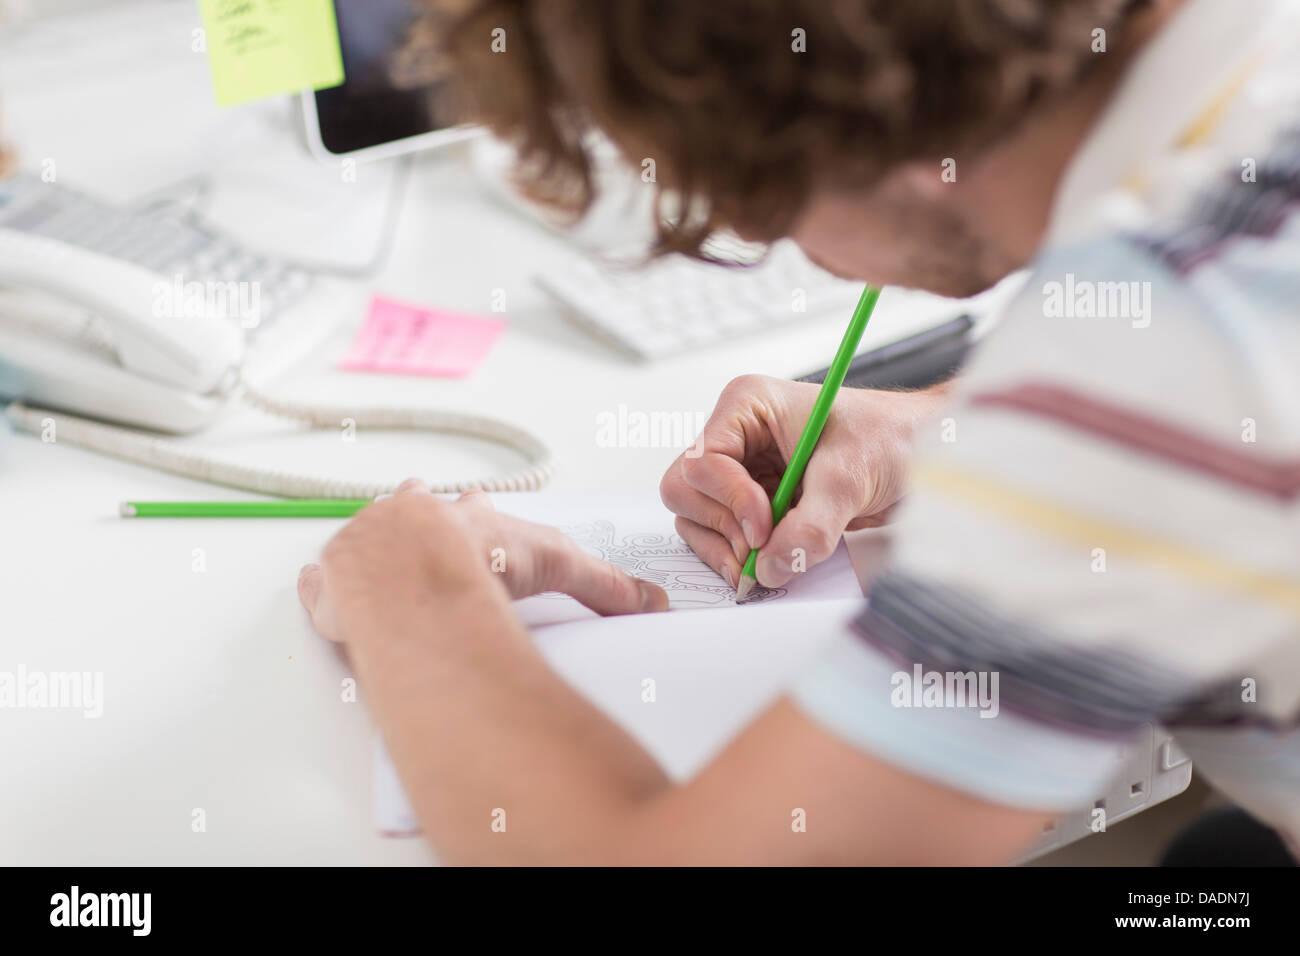 Junge kreative zeichnen Pläne am Schreibtisch, Nahaufnahme Stockbild